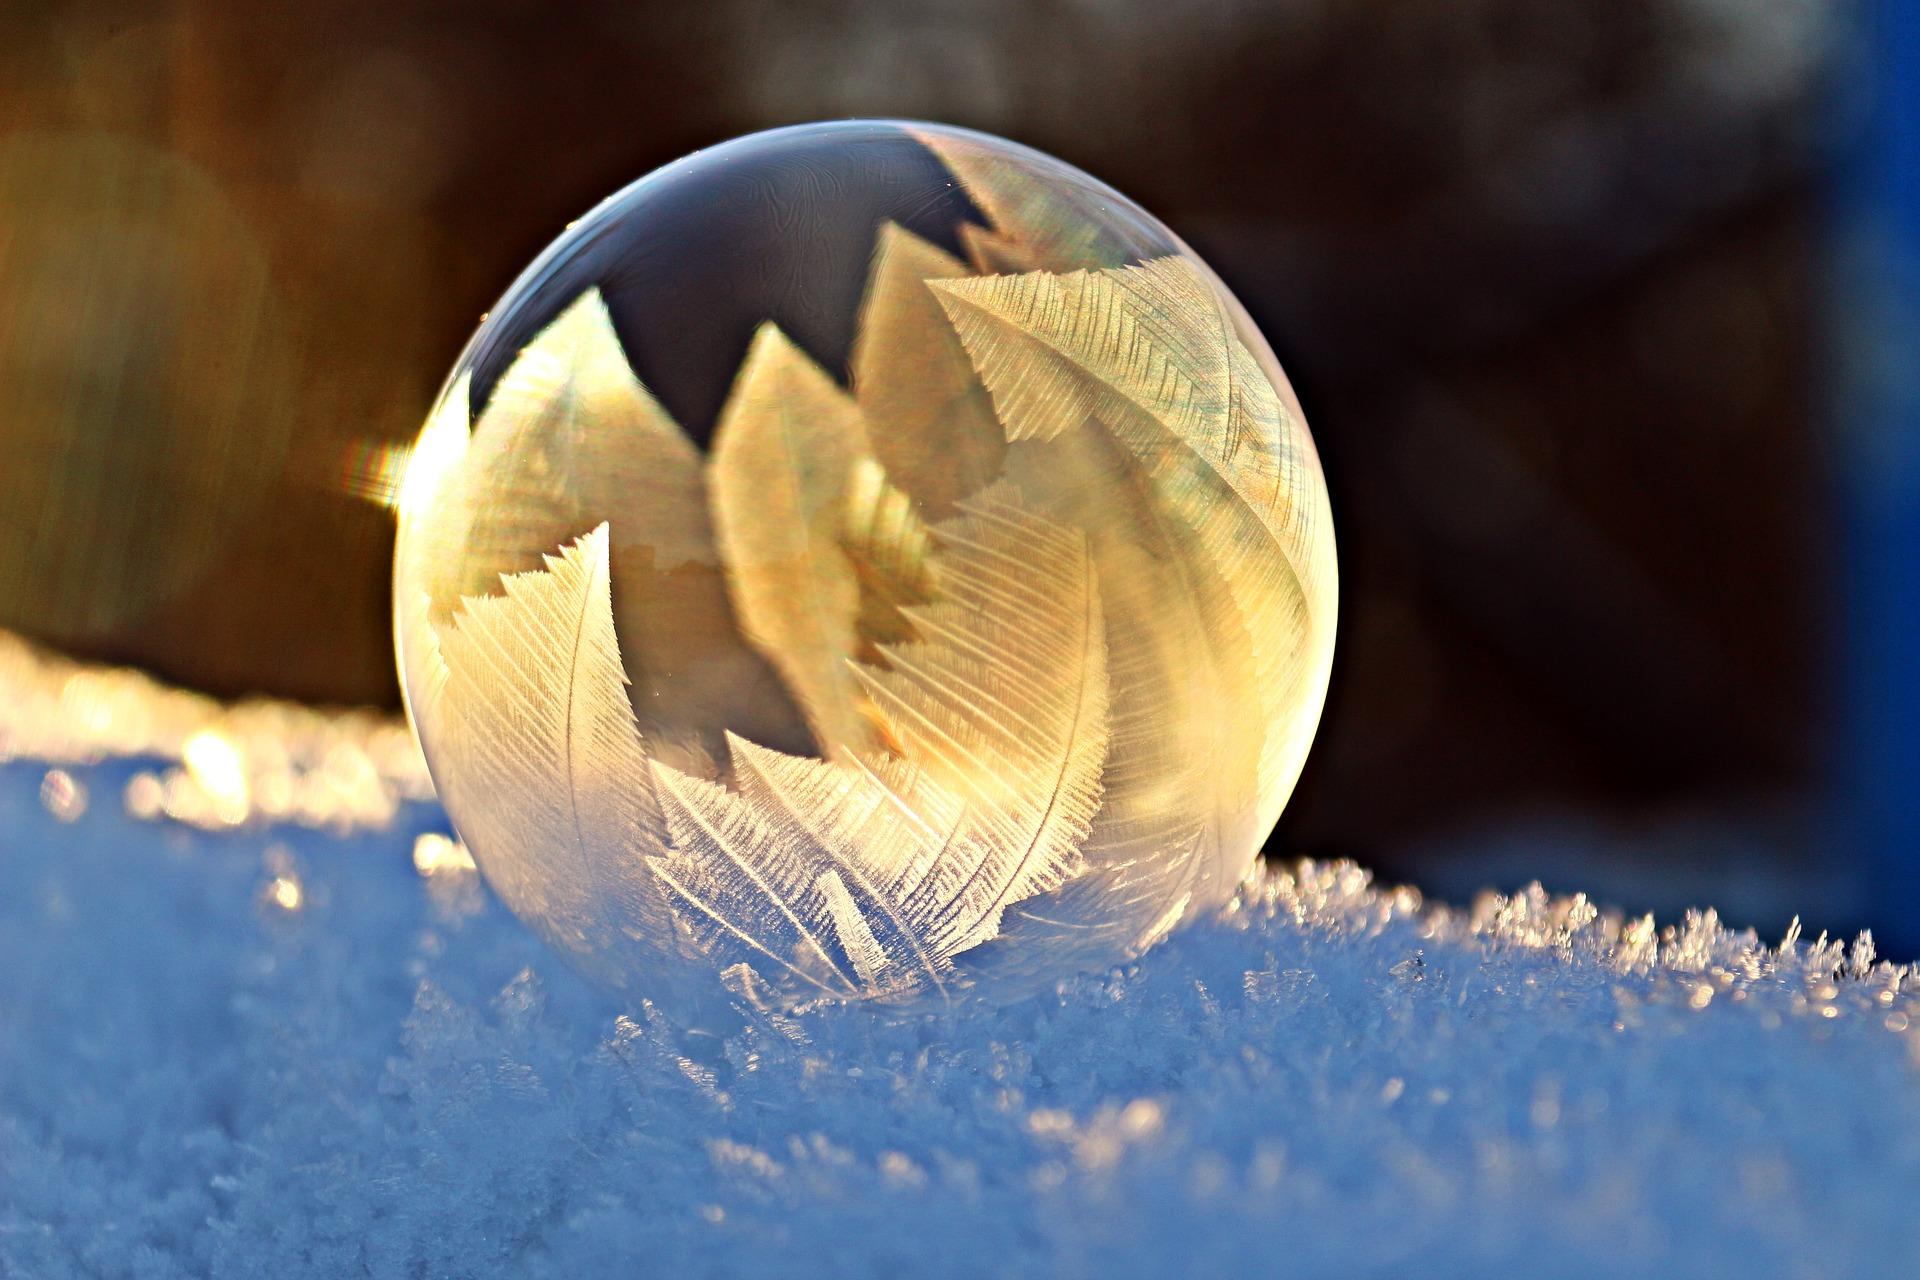 soap-bubble-1958650_1920.jpg